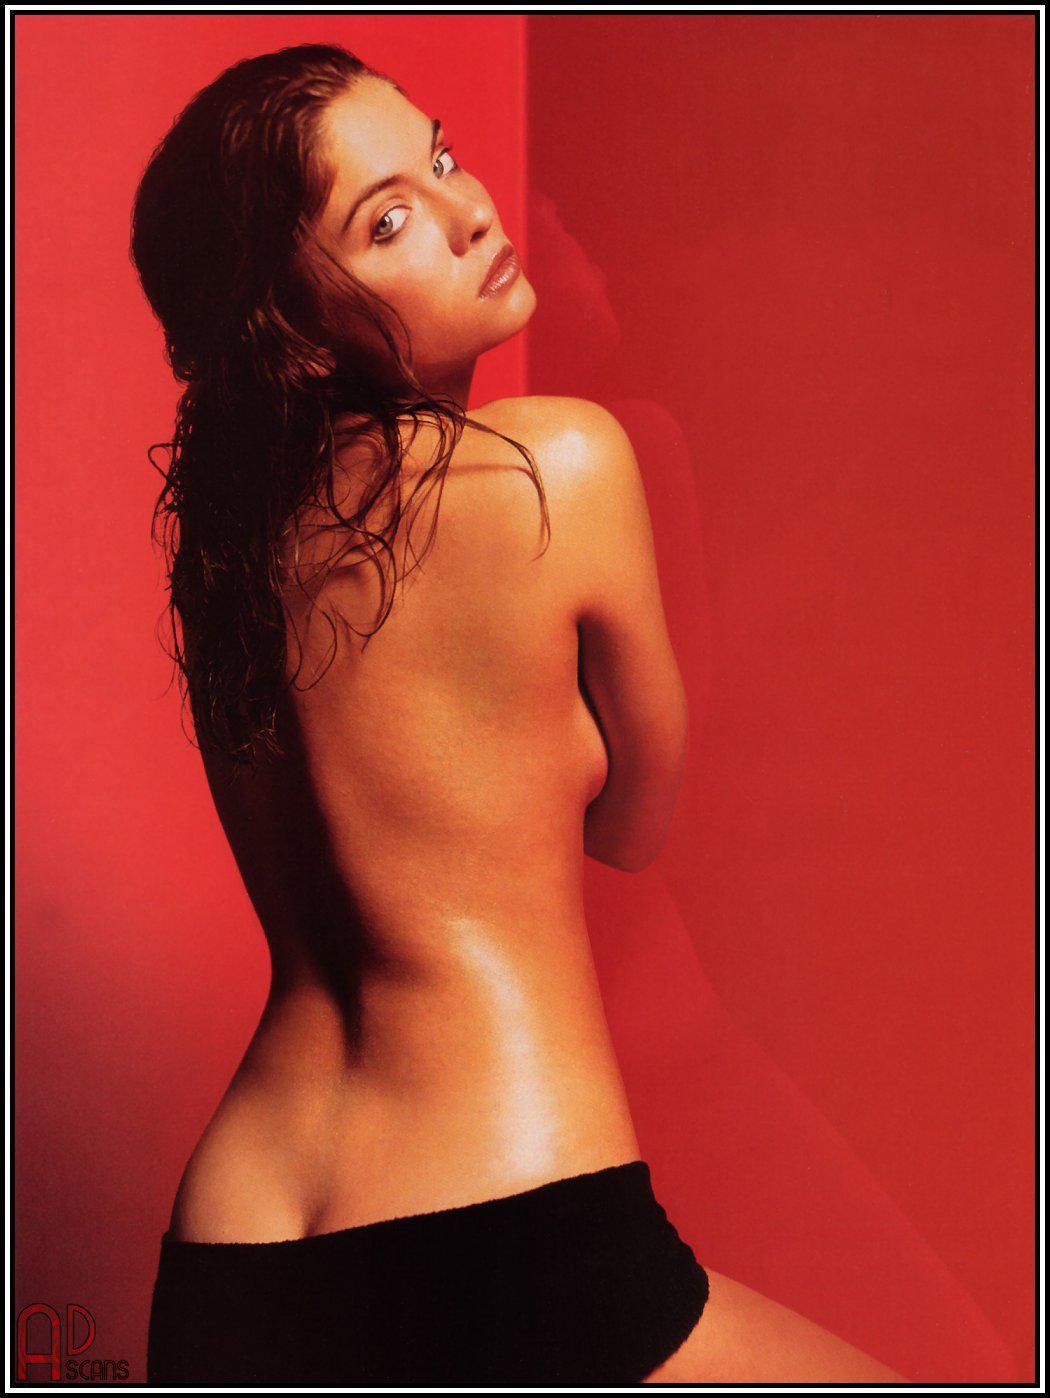 Jodi lyn o keefe fotos desnudas